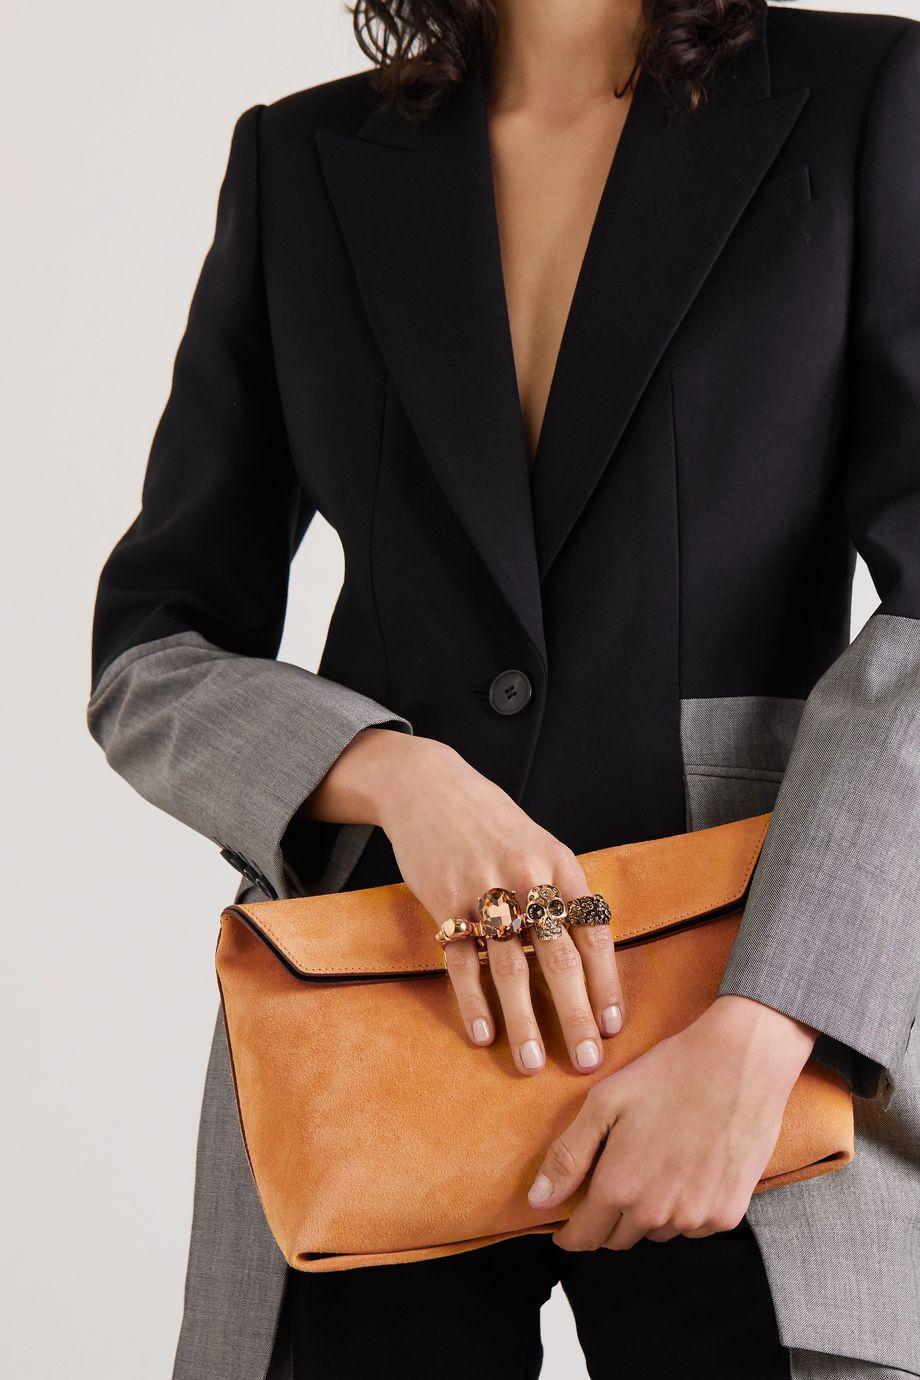 Alexander McQueen Knuckle embellished suede clutch